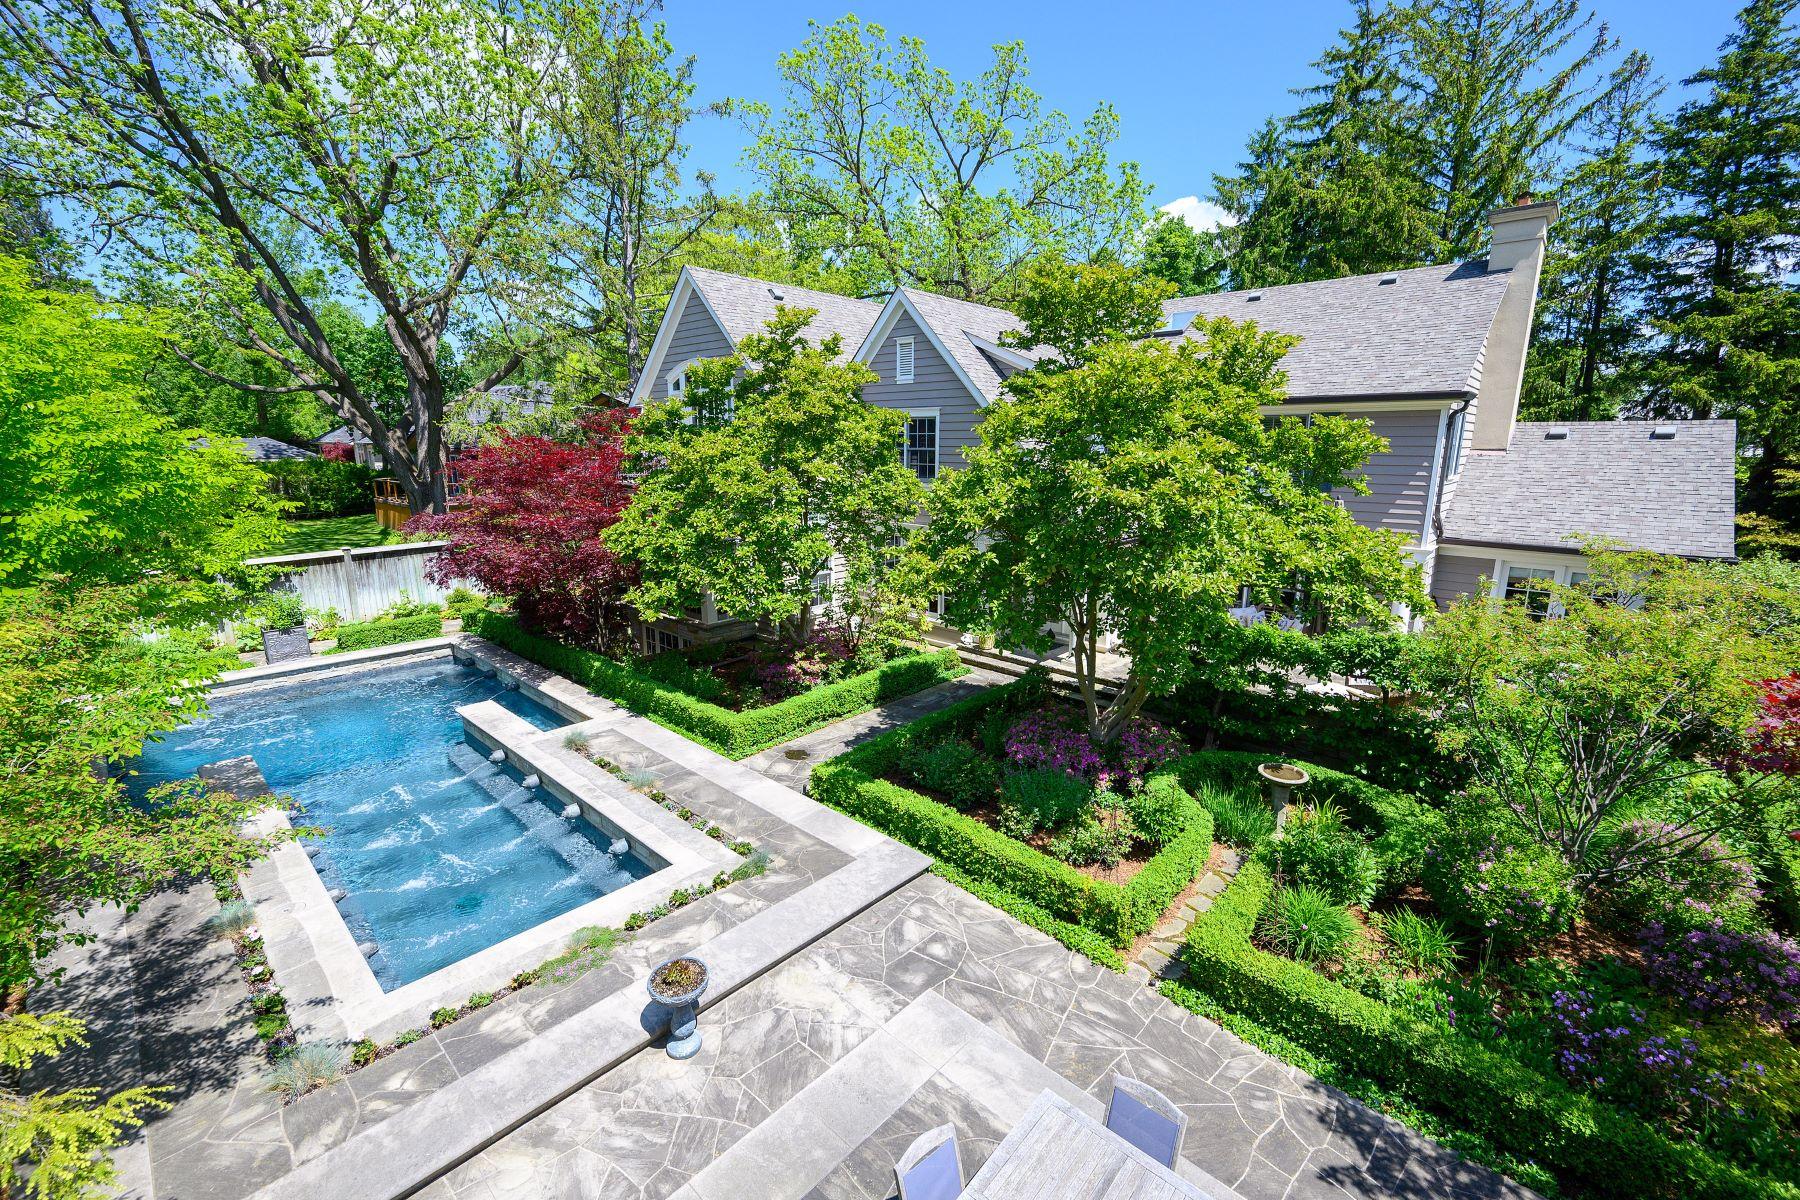 Single Family Homes for Sale at Hidden Gem in SE Oakville 60 Barringham Drive Oakville, Ontario L6J 4B2 Canada